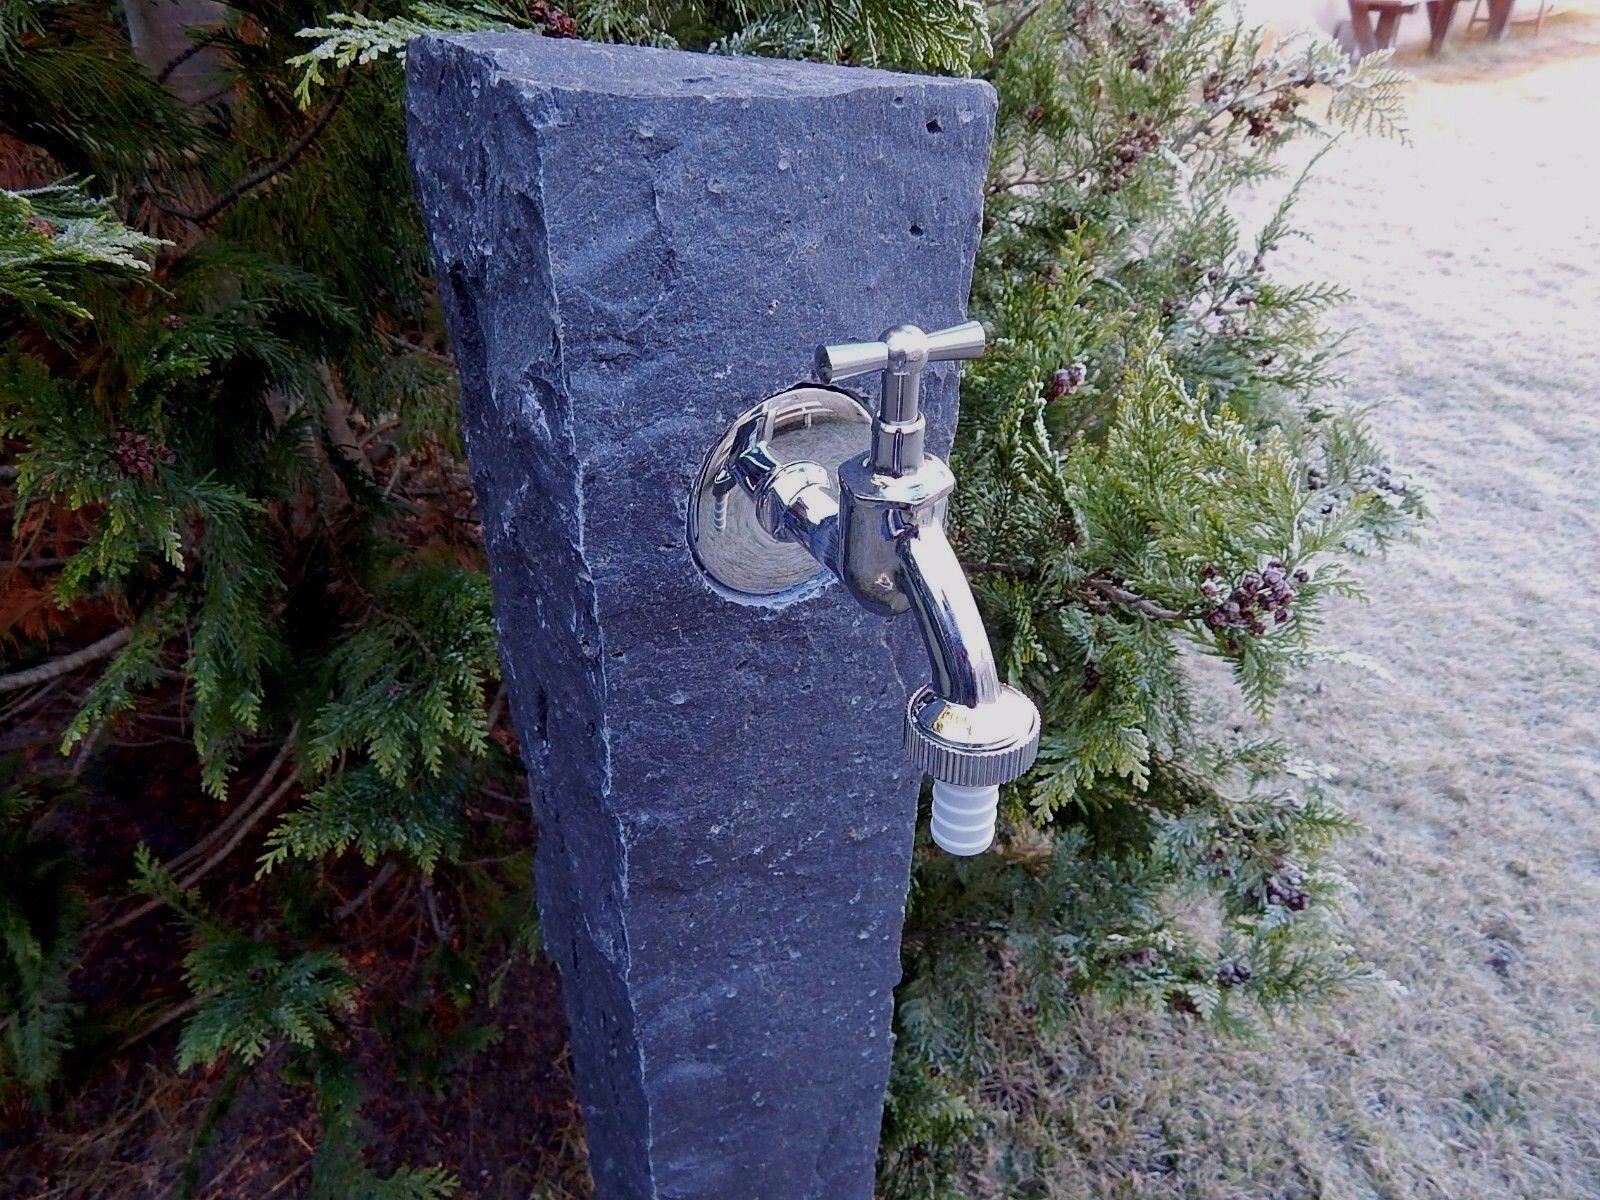 Wasserzapfsäule aus Basalt mit 1 Zapfstelle  Palisade Stele Wasserzapfstelle